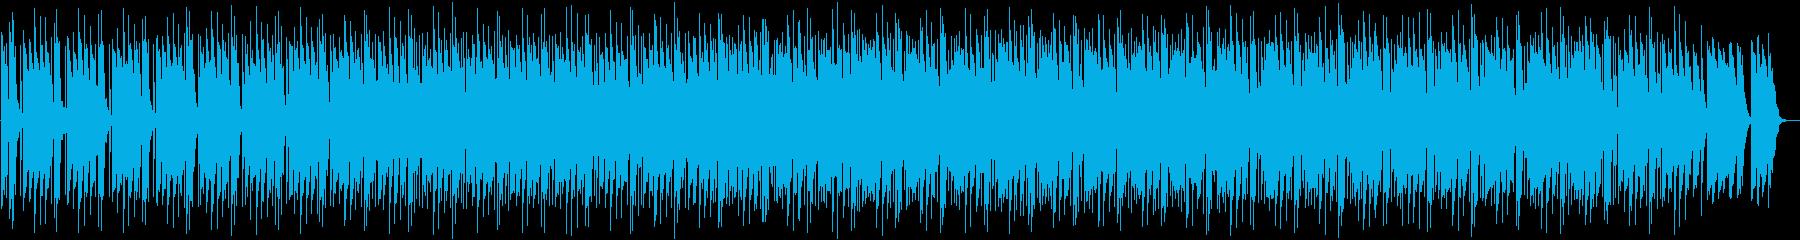 ふんわりエレポップの再生済みの波形